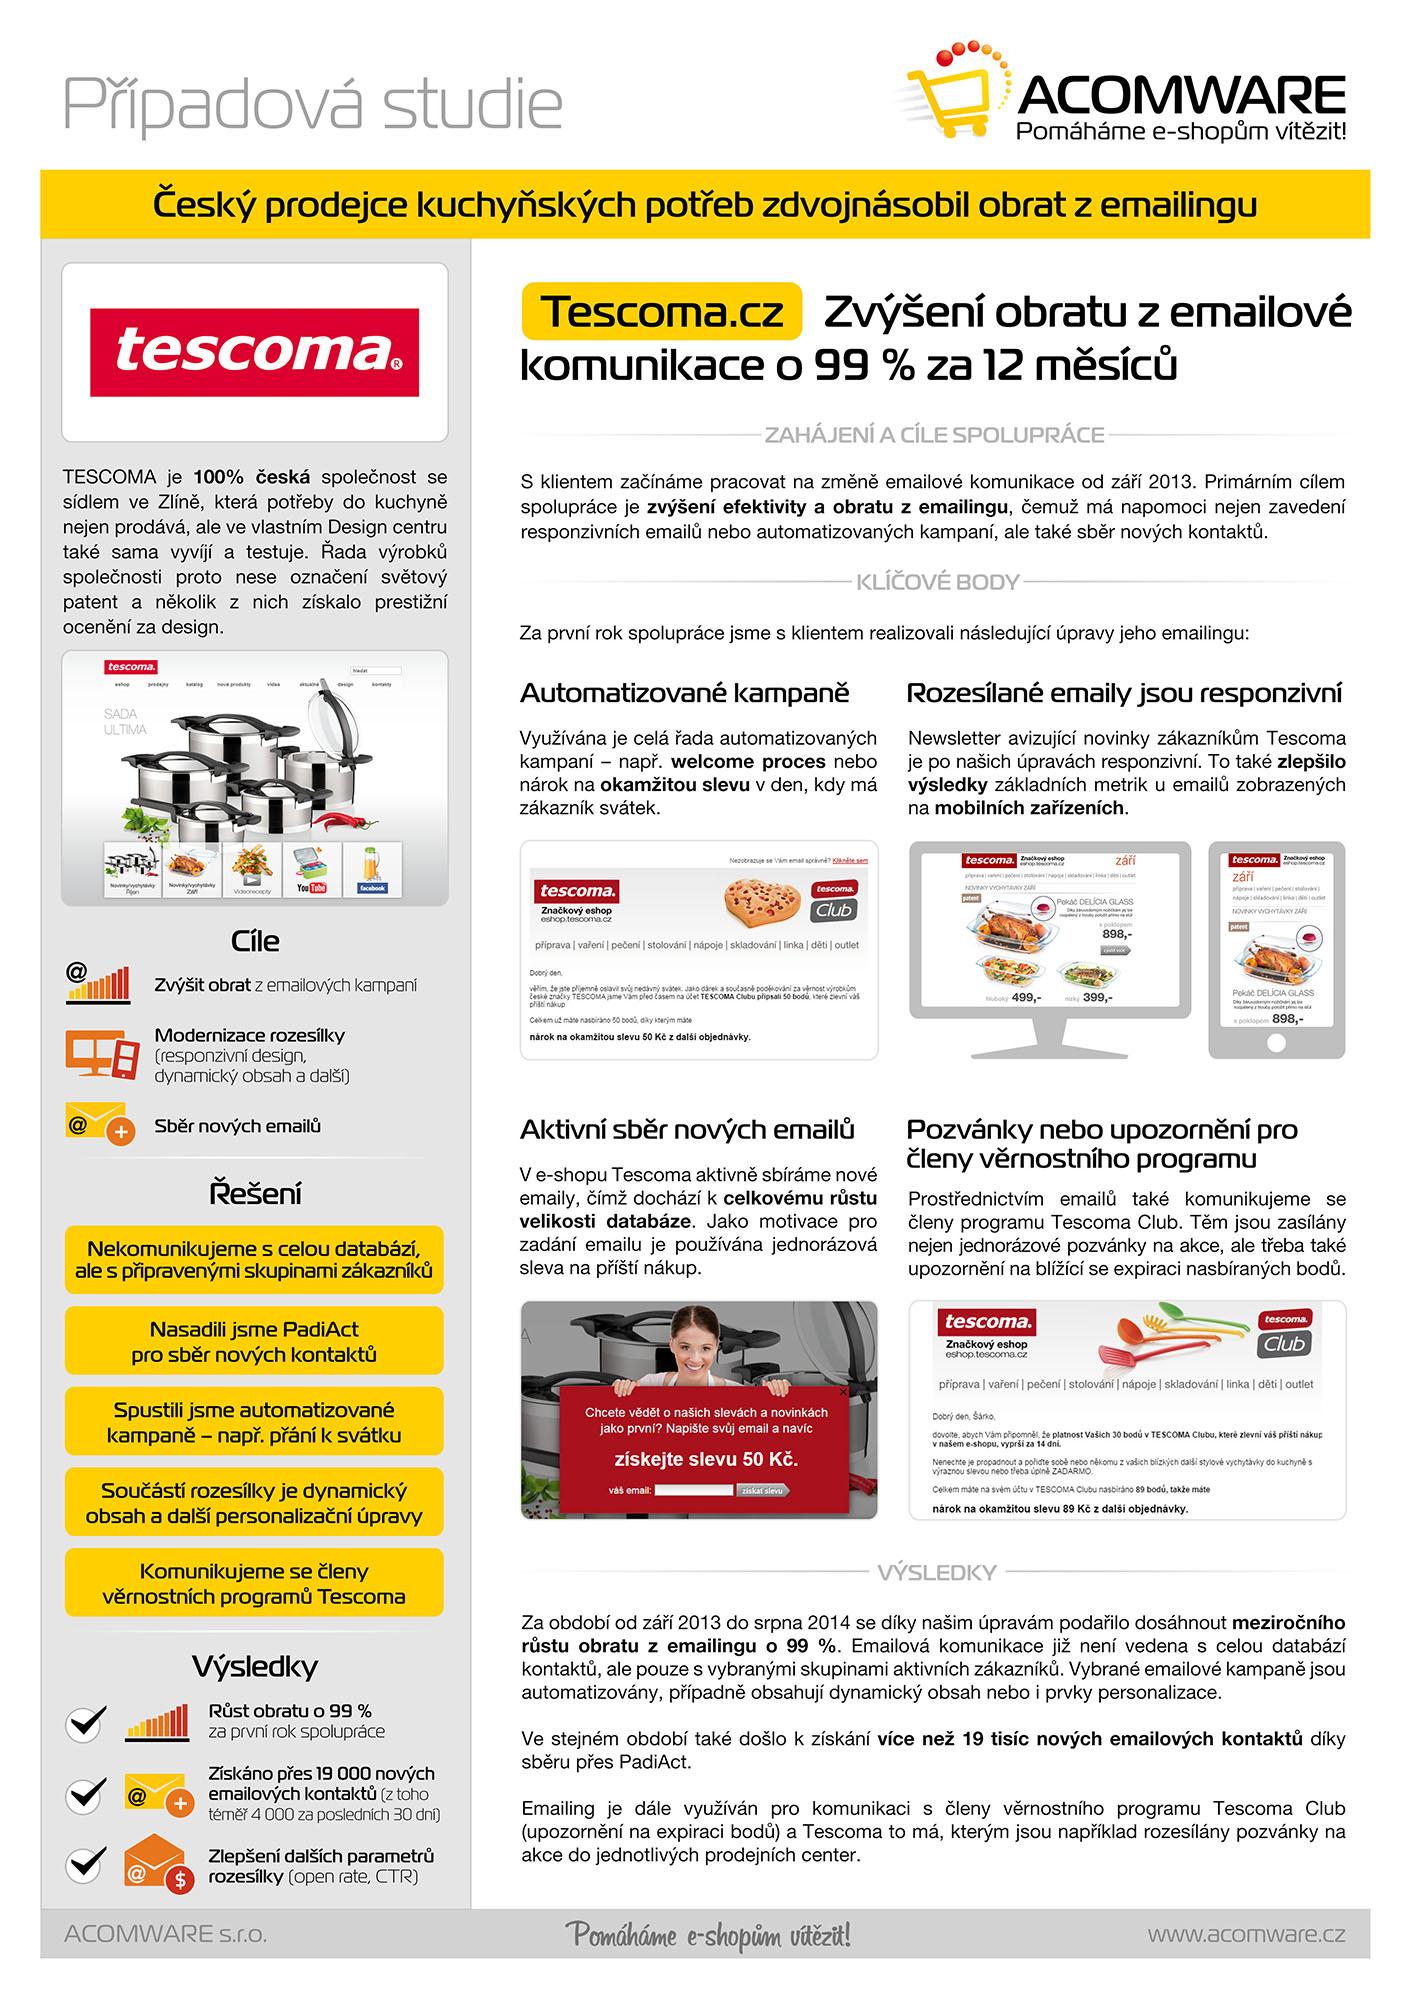 Případová studie - Case-Tescoma-2014